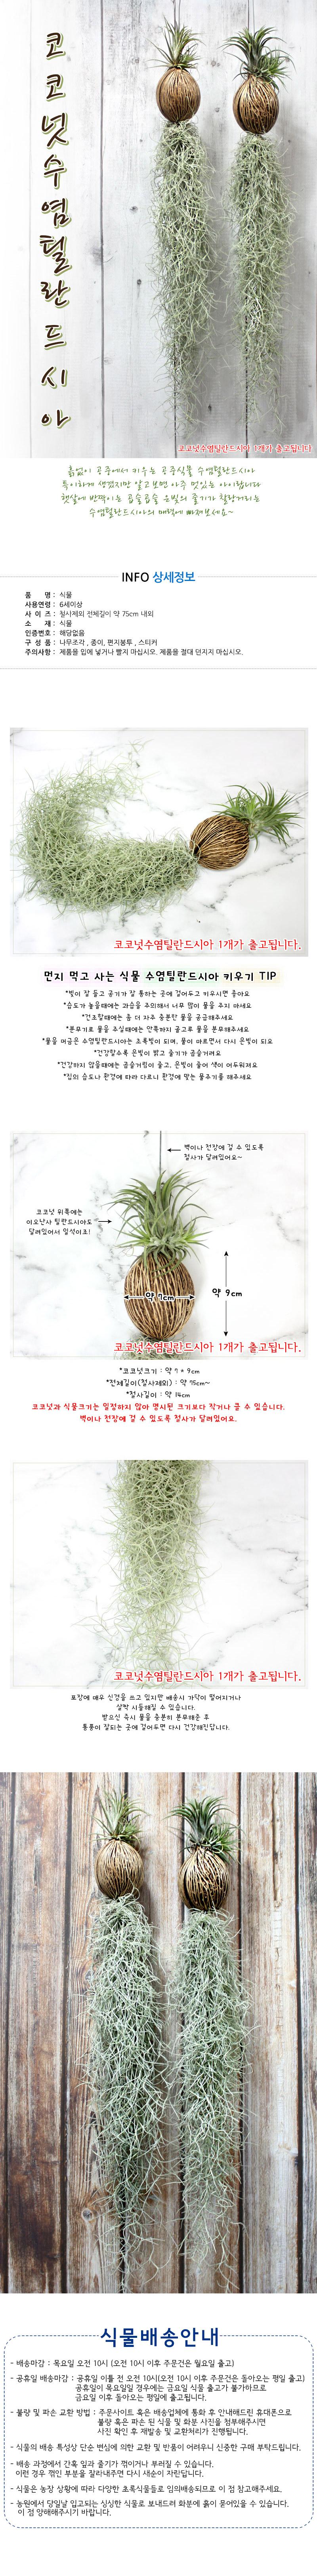 공기정화식물-코코넛수염틸란드시아 - 에코키즈, 12,000원, 허브/다육/선인장, 공기정화식물